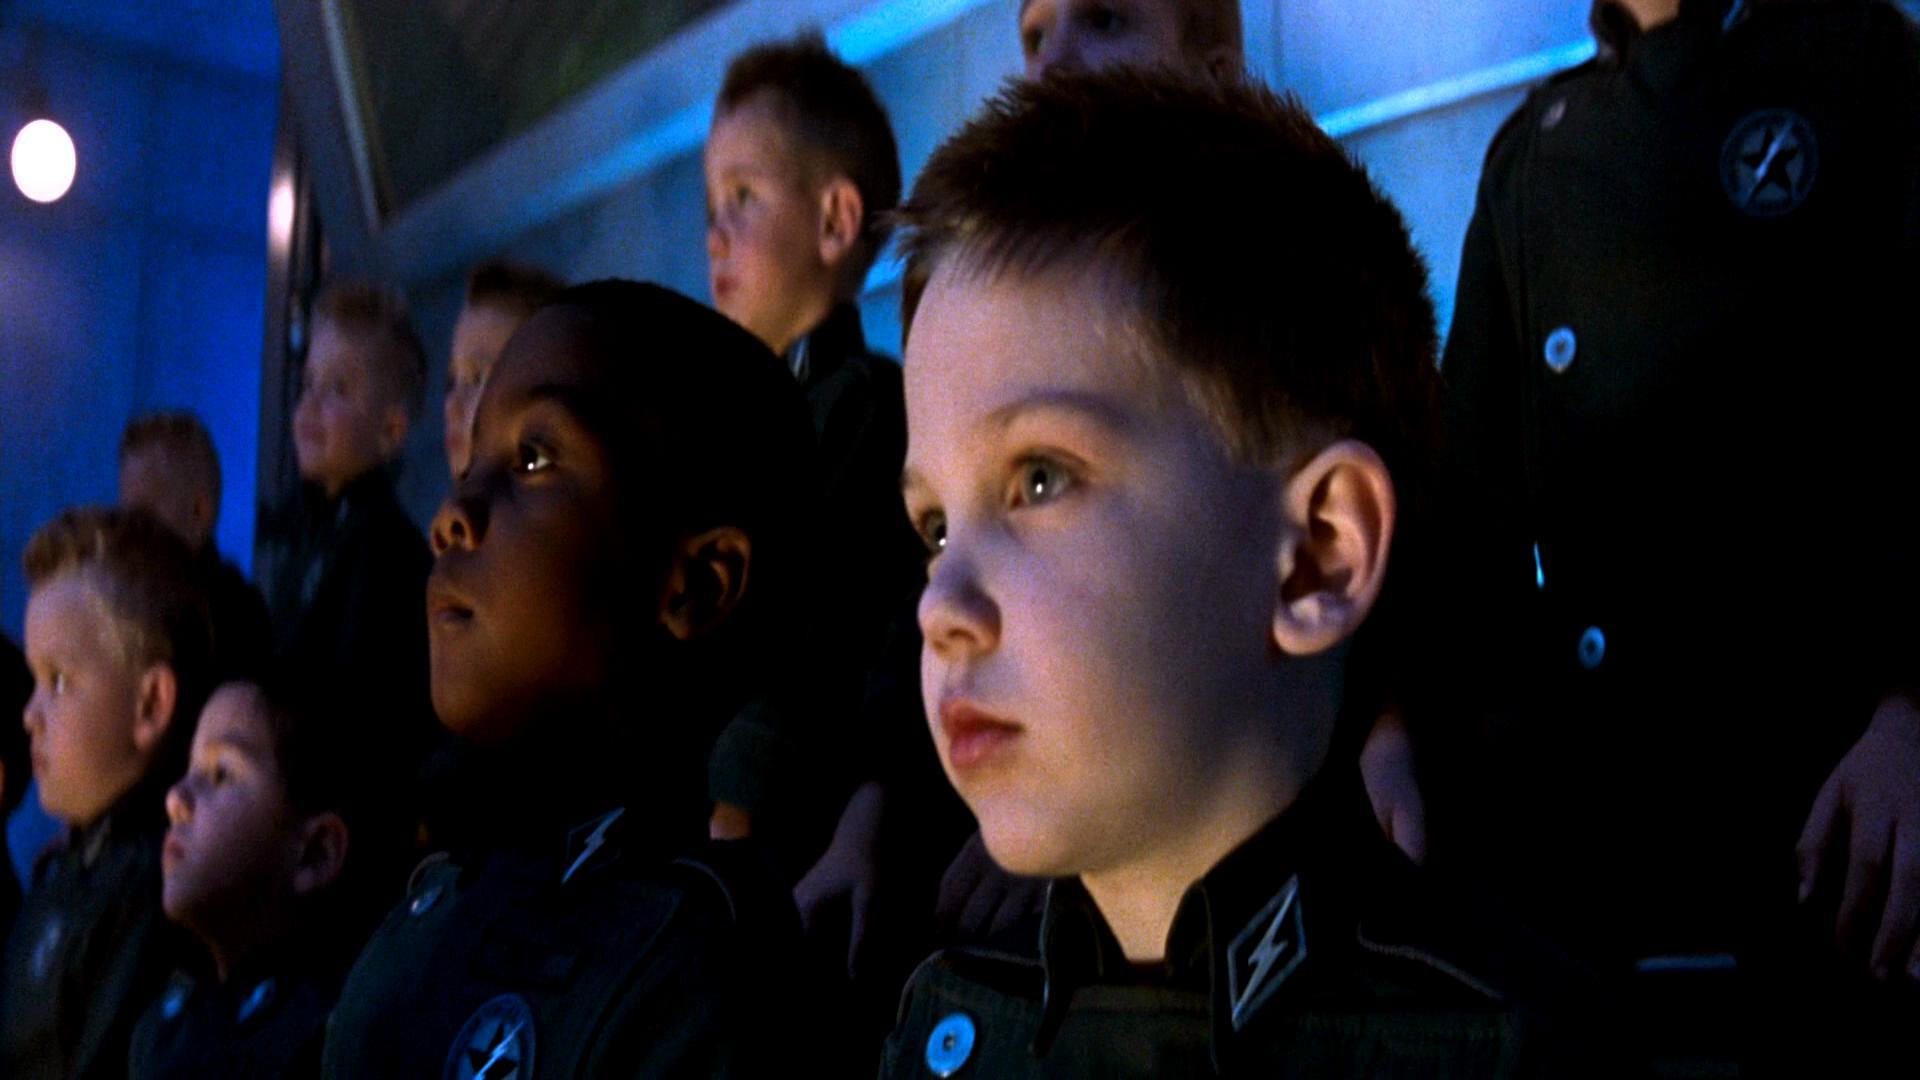 未来的孩子从出生就被分类,进行残忍的军事训练,不达标就会被杀